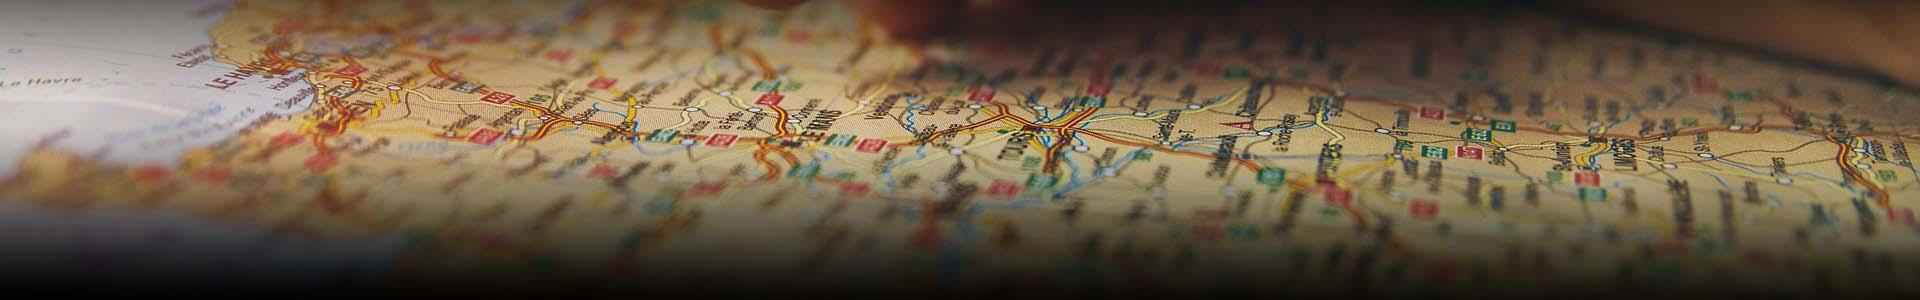 Realizziamo itinerari ciclo-turistici